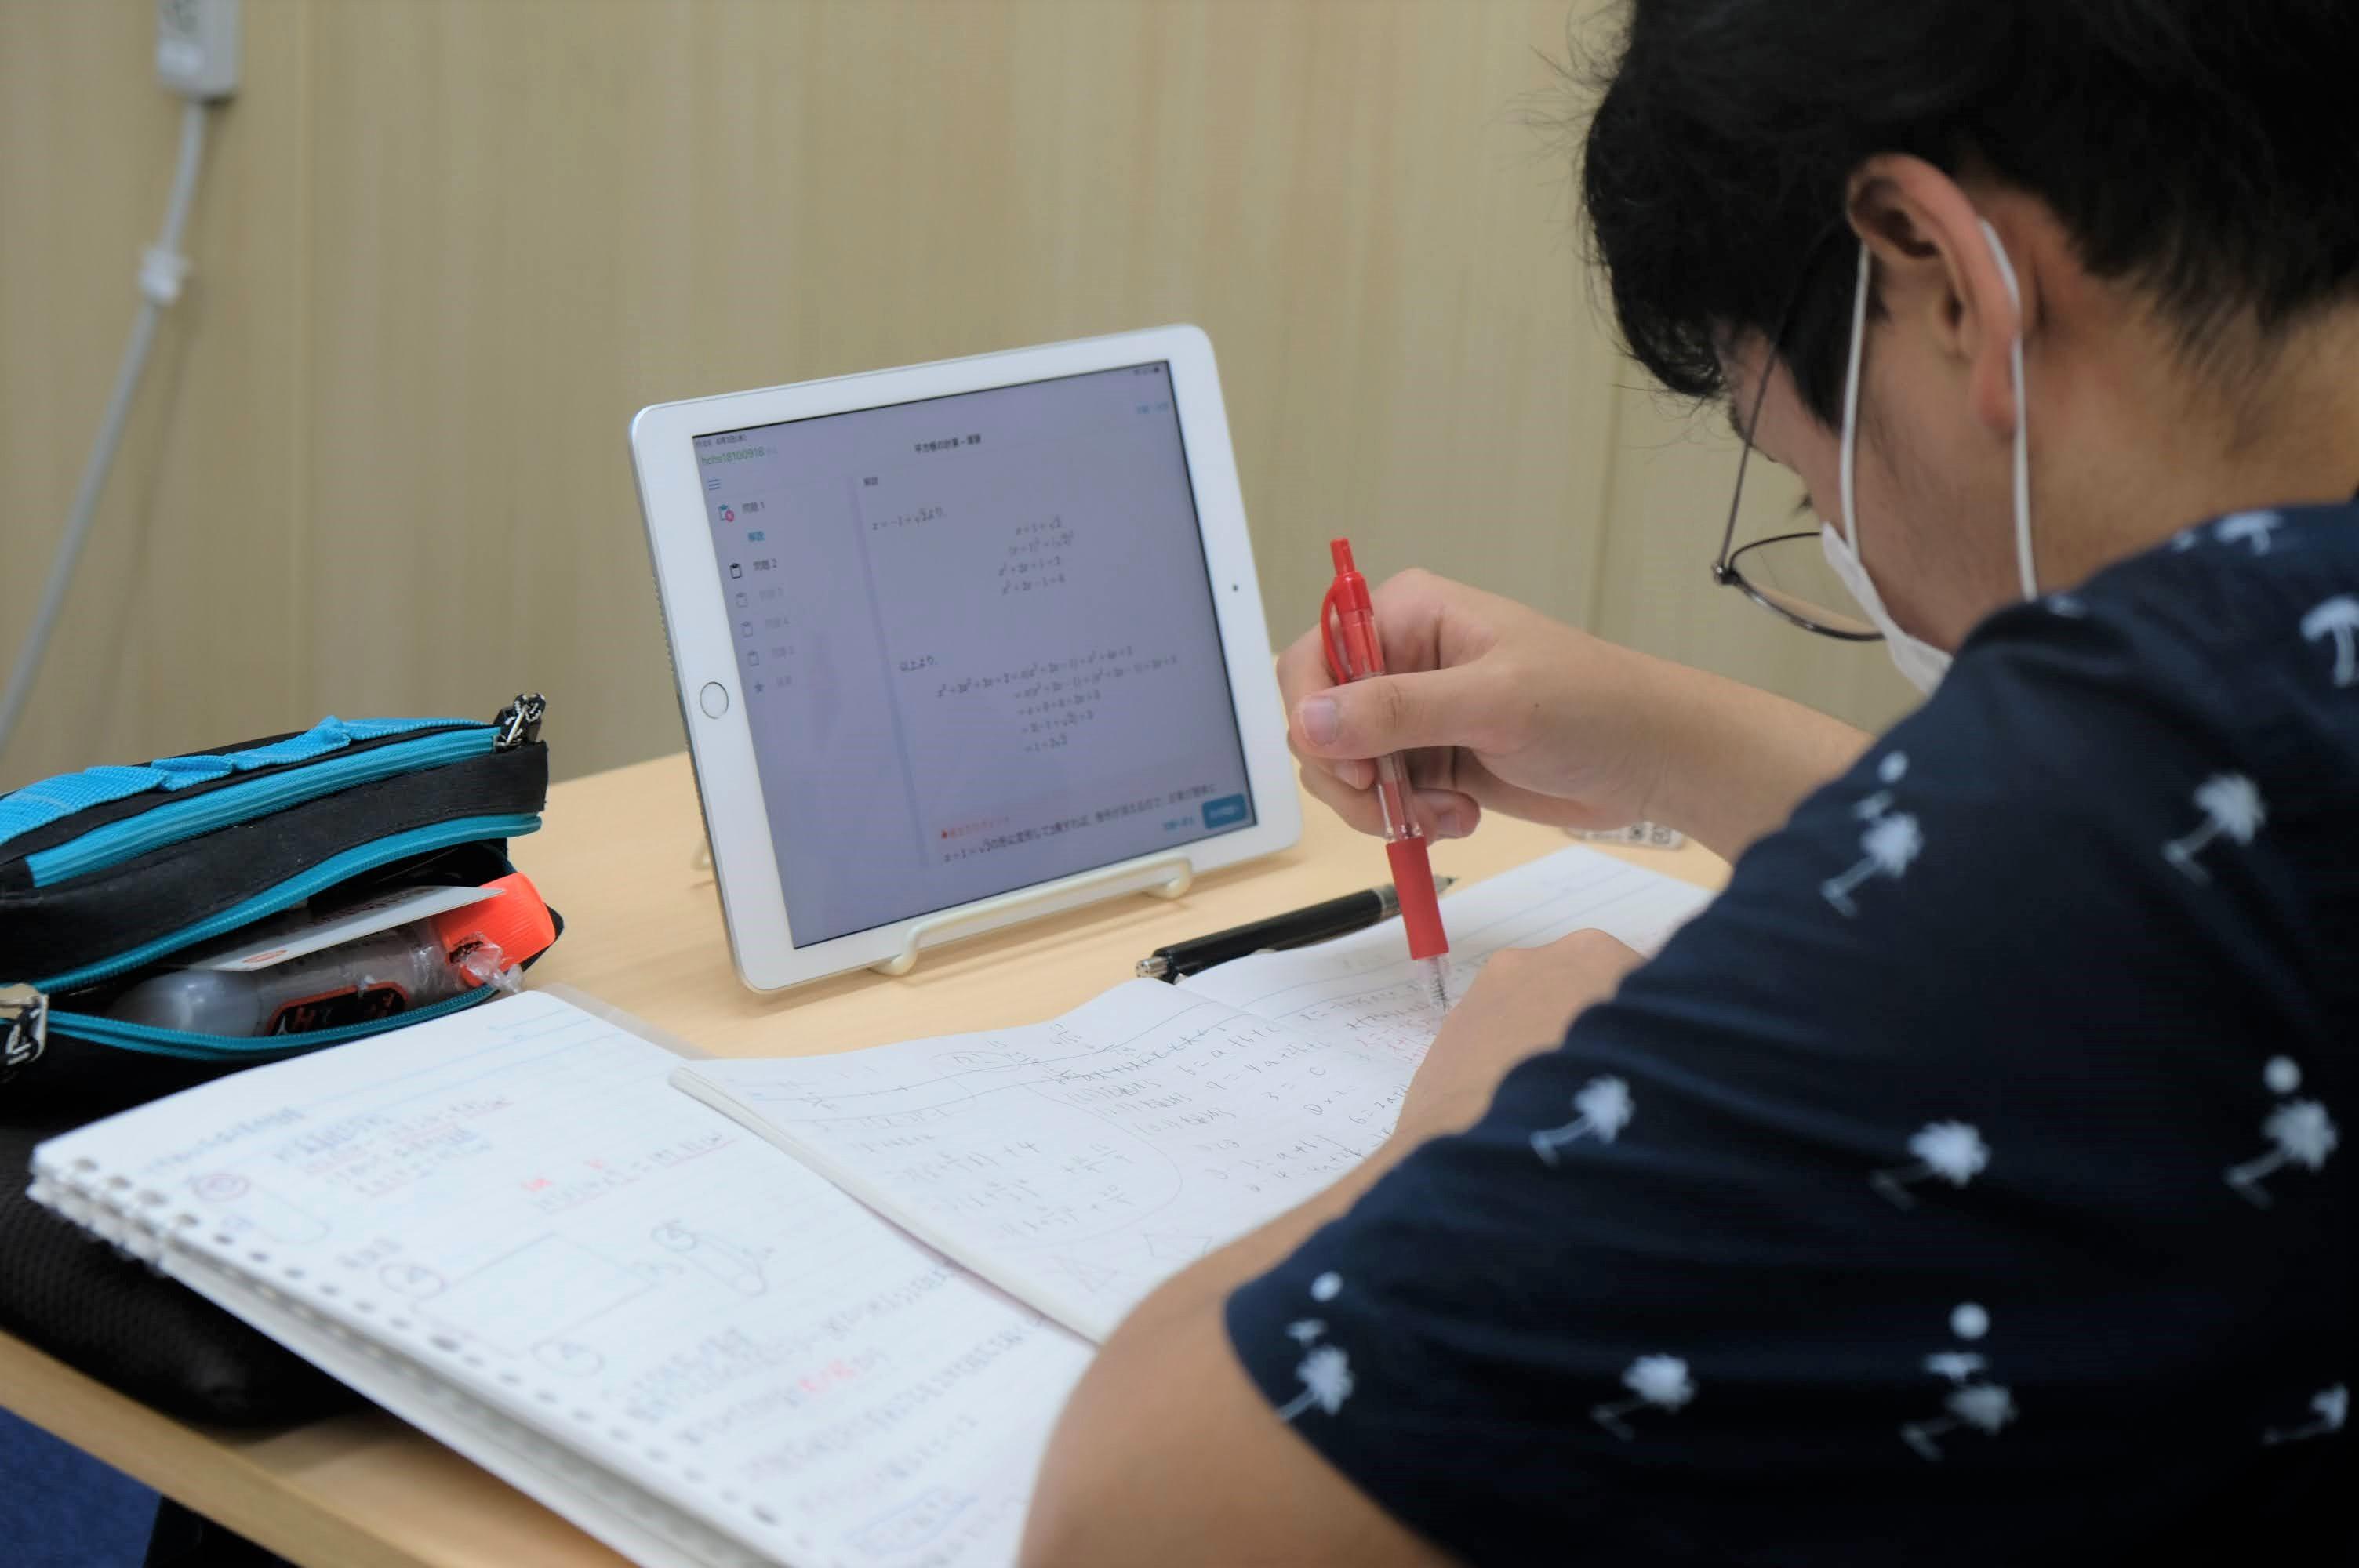 【熊本】4/23(金)AI大学進学コース(ライトコース)オープンスクール